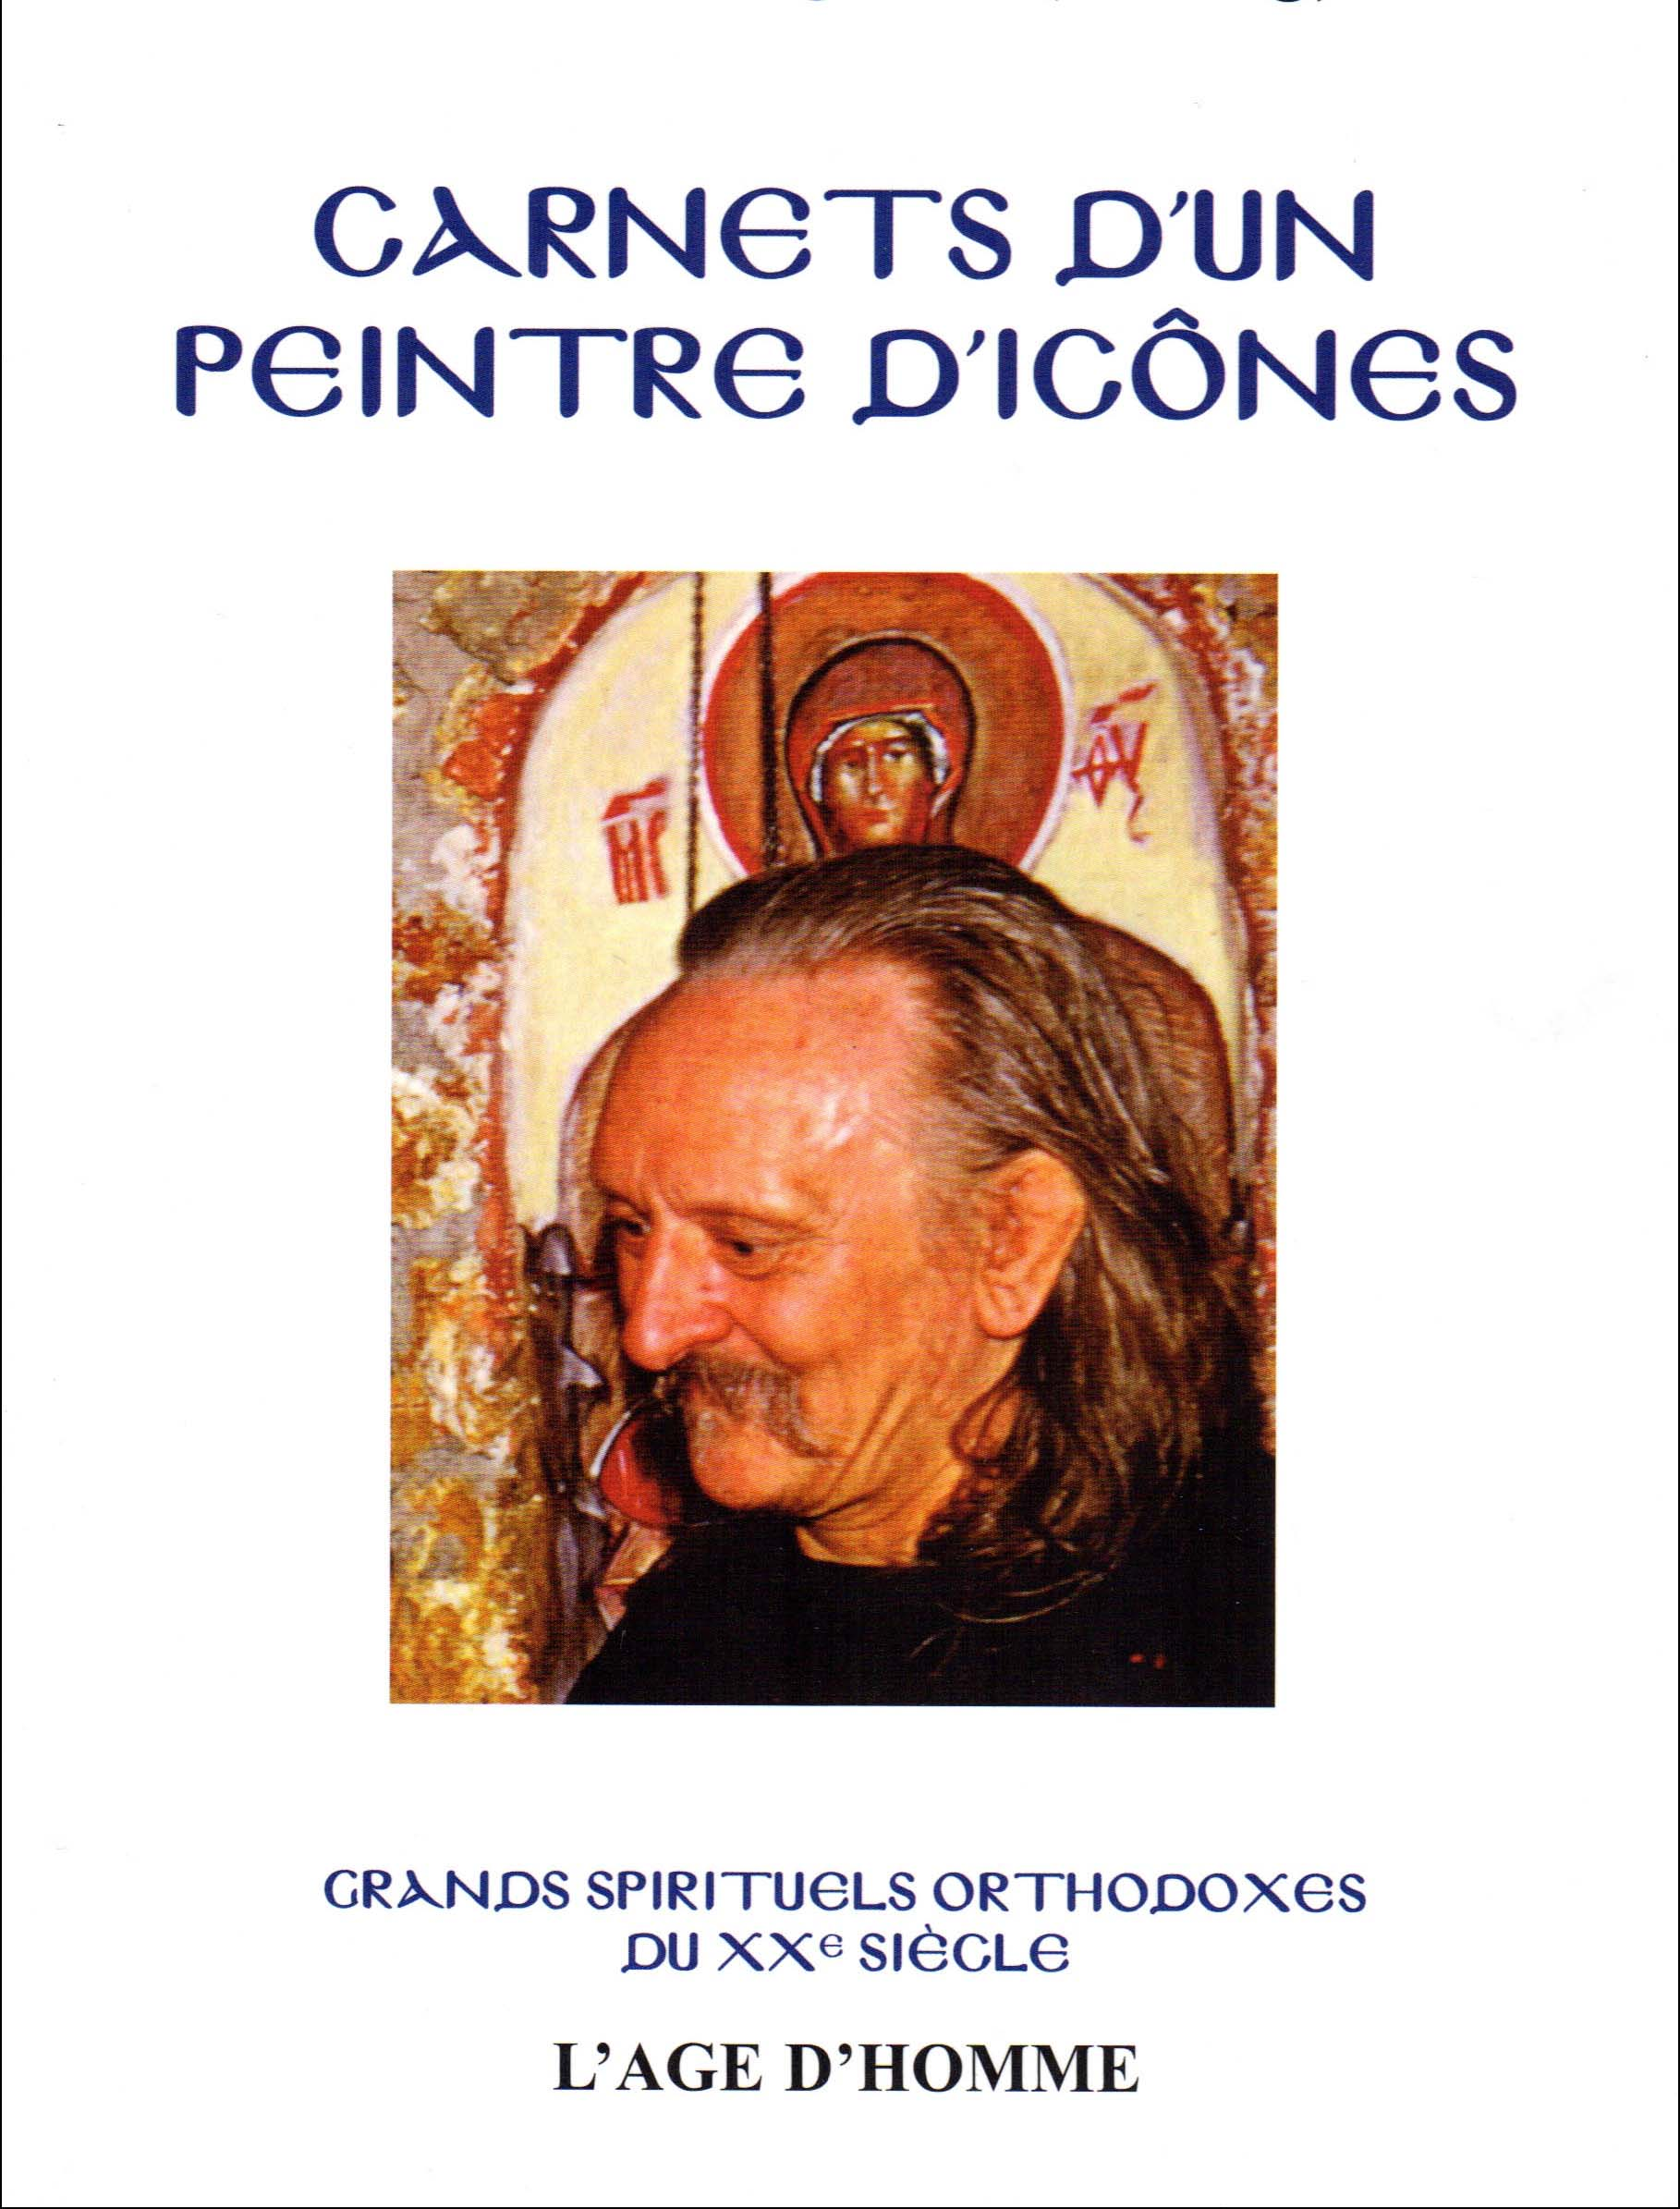 Réédition des « Carnets d'un peintre d'icônes » du moine Grégoire (Kroug)